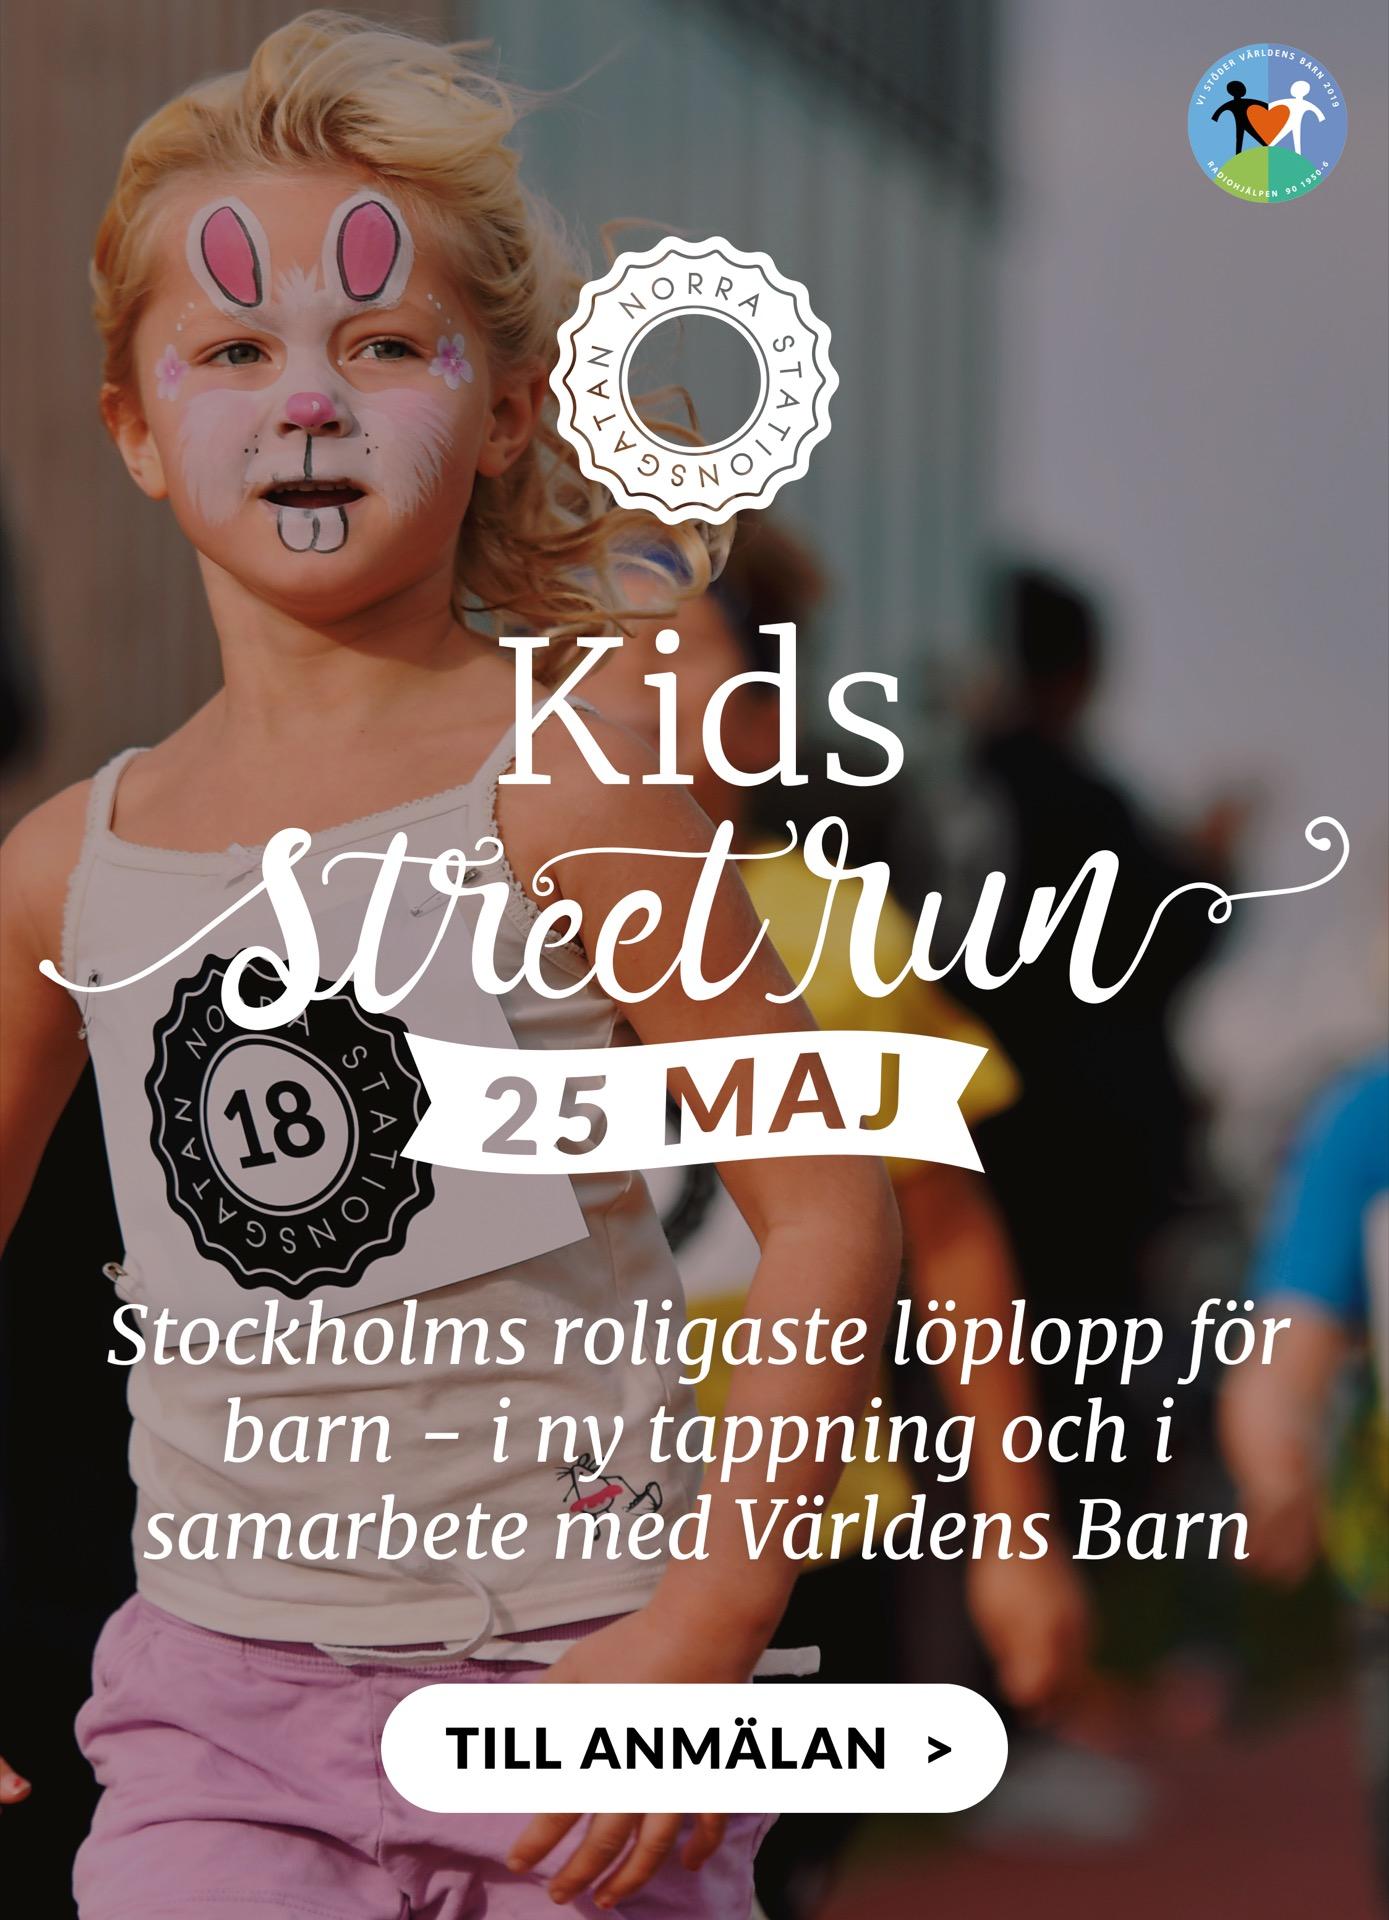 https://link.norrastationsgatan.se/image-kidsstreetrun-190516